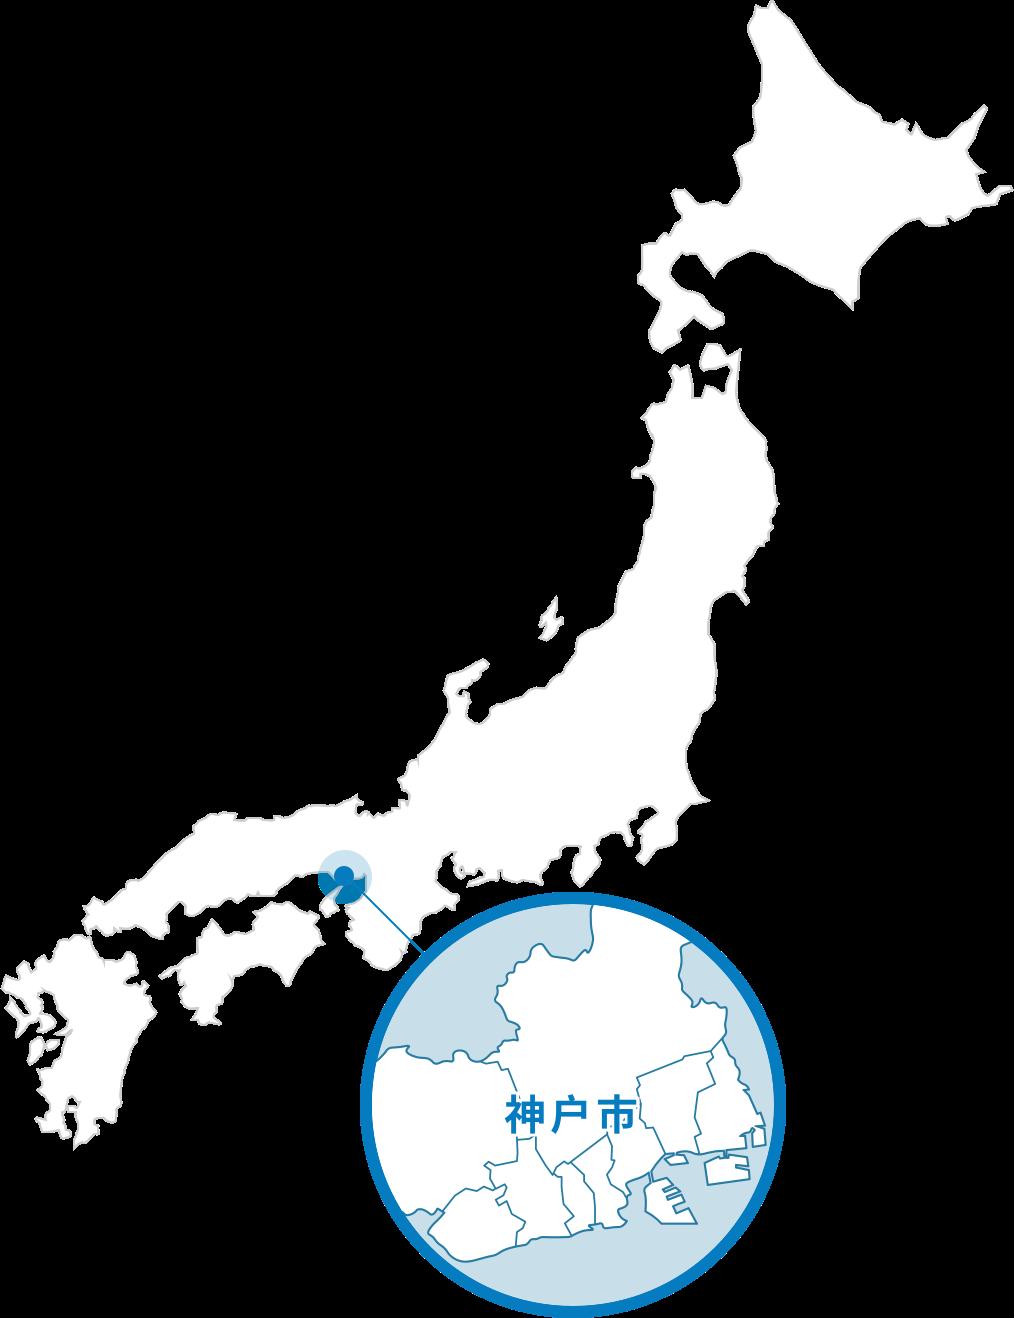 从日本地图中指出神户市的位置图